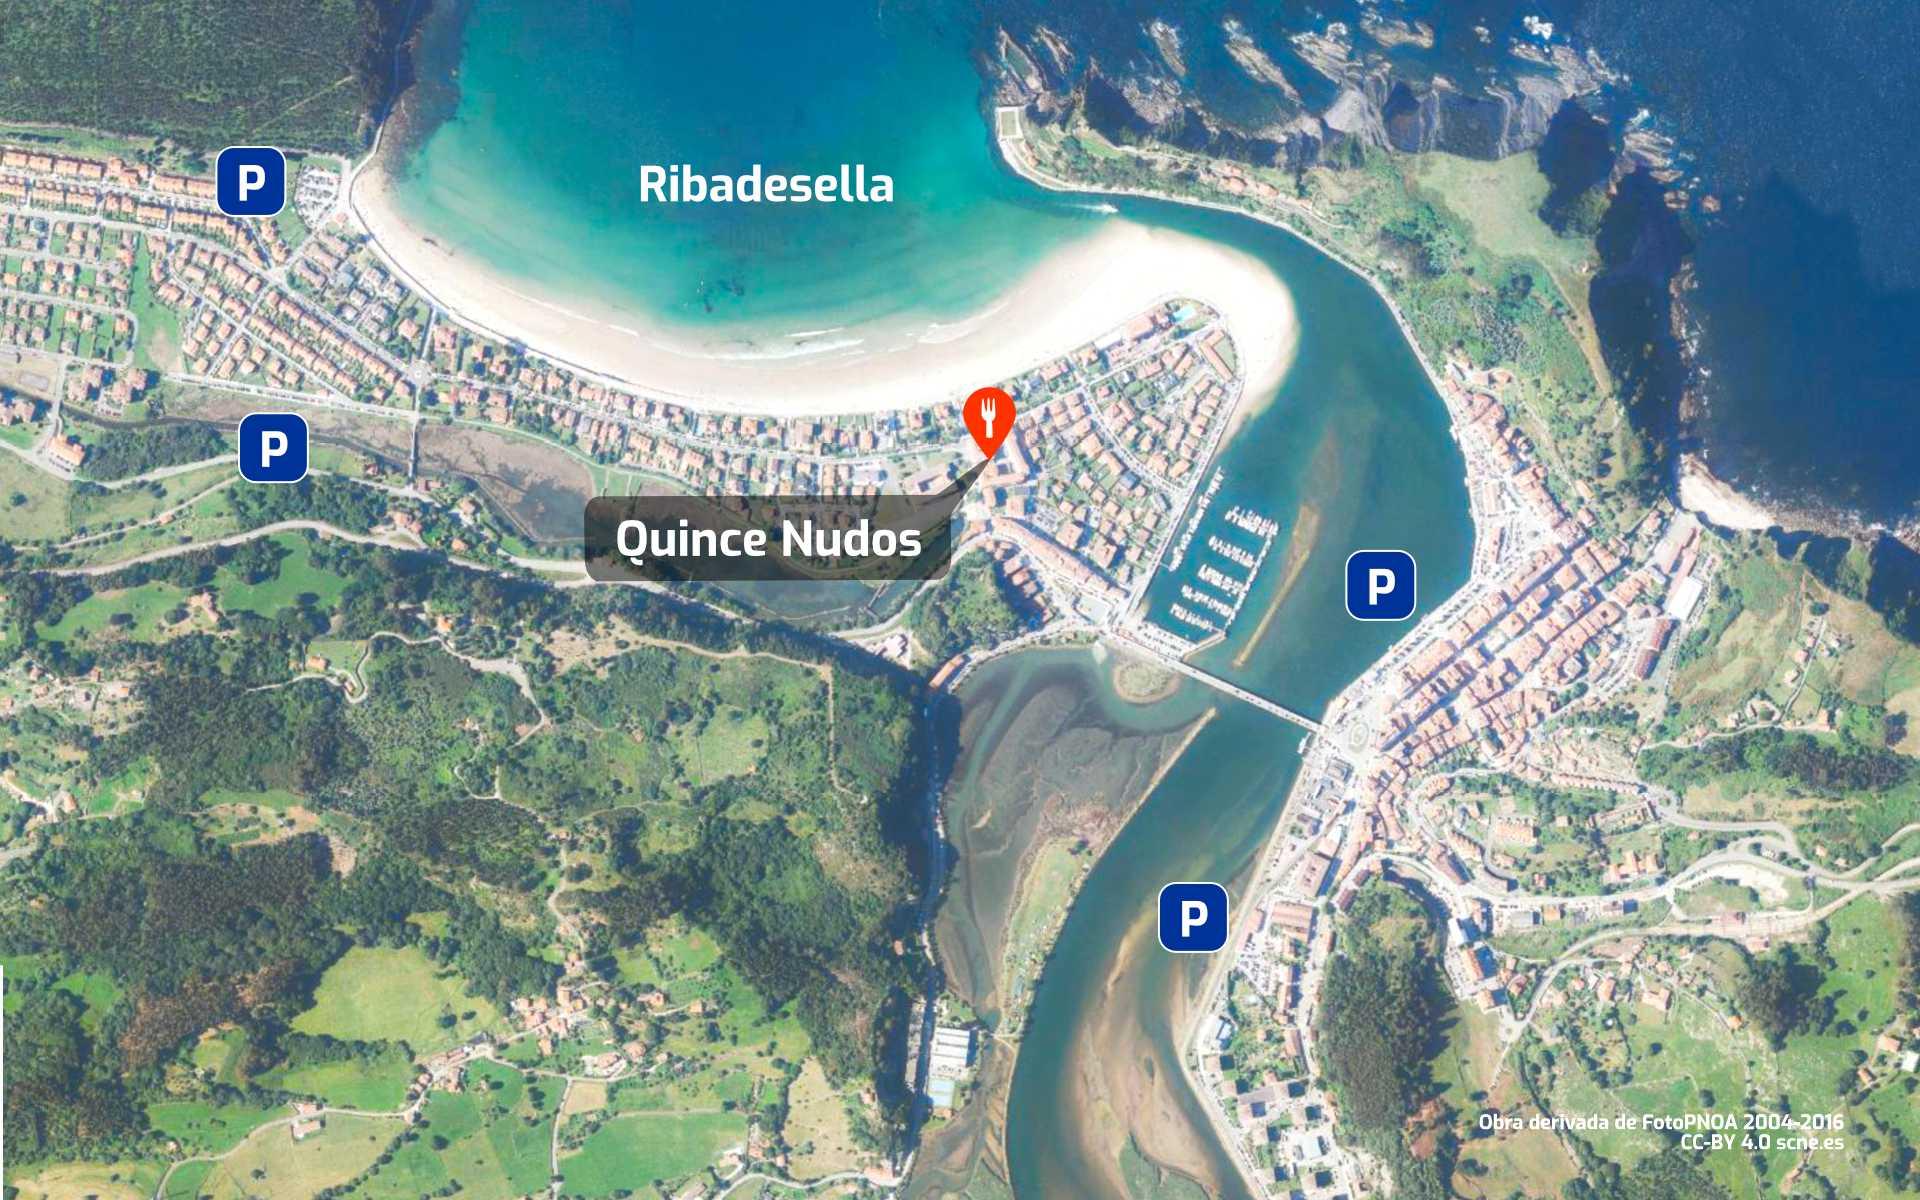 Mapa de cómo llegar al restaurante Quince Nudos en Ribadesella, Asturias